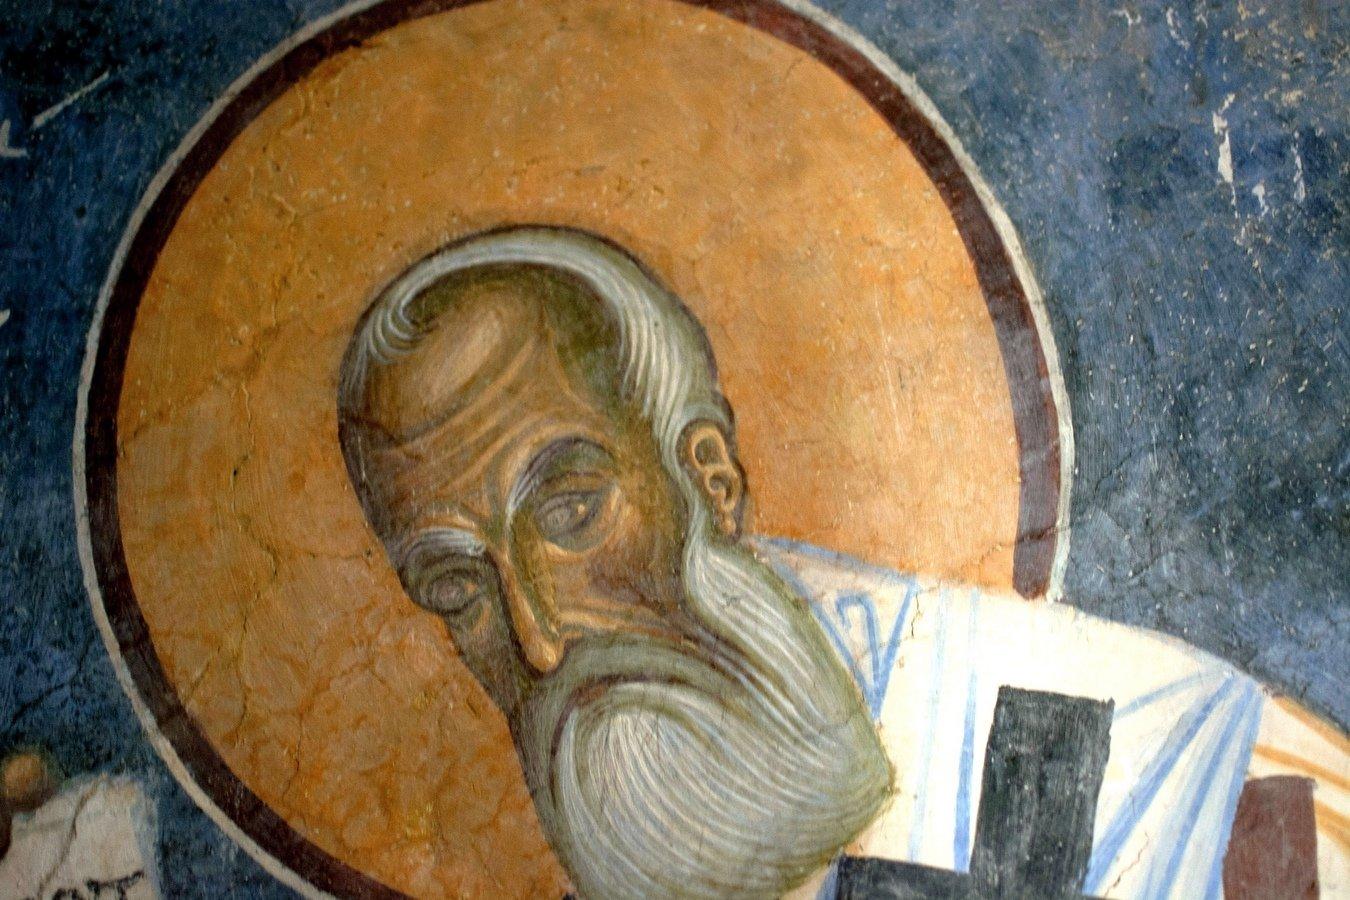 Святитель Афанасий Великий, Архиепископ Александрийский. Фреска монастыря Святого Пантелеимона в Нерези близ Скопье, Македония. 1164 год.